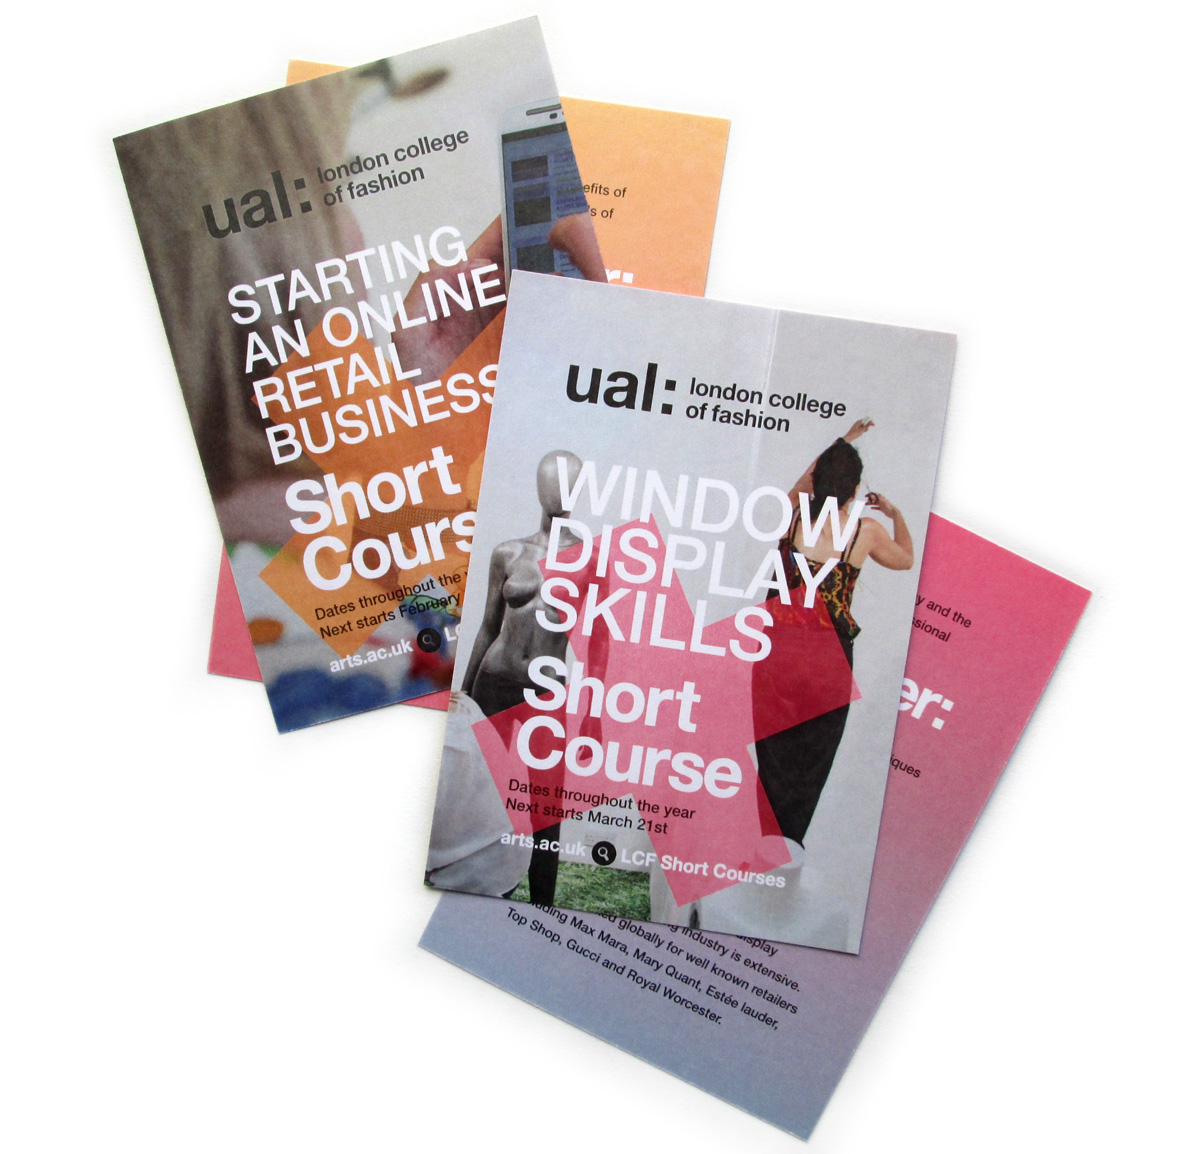 Course promo flyer, A6